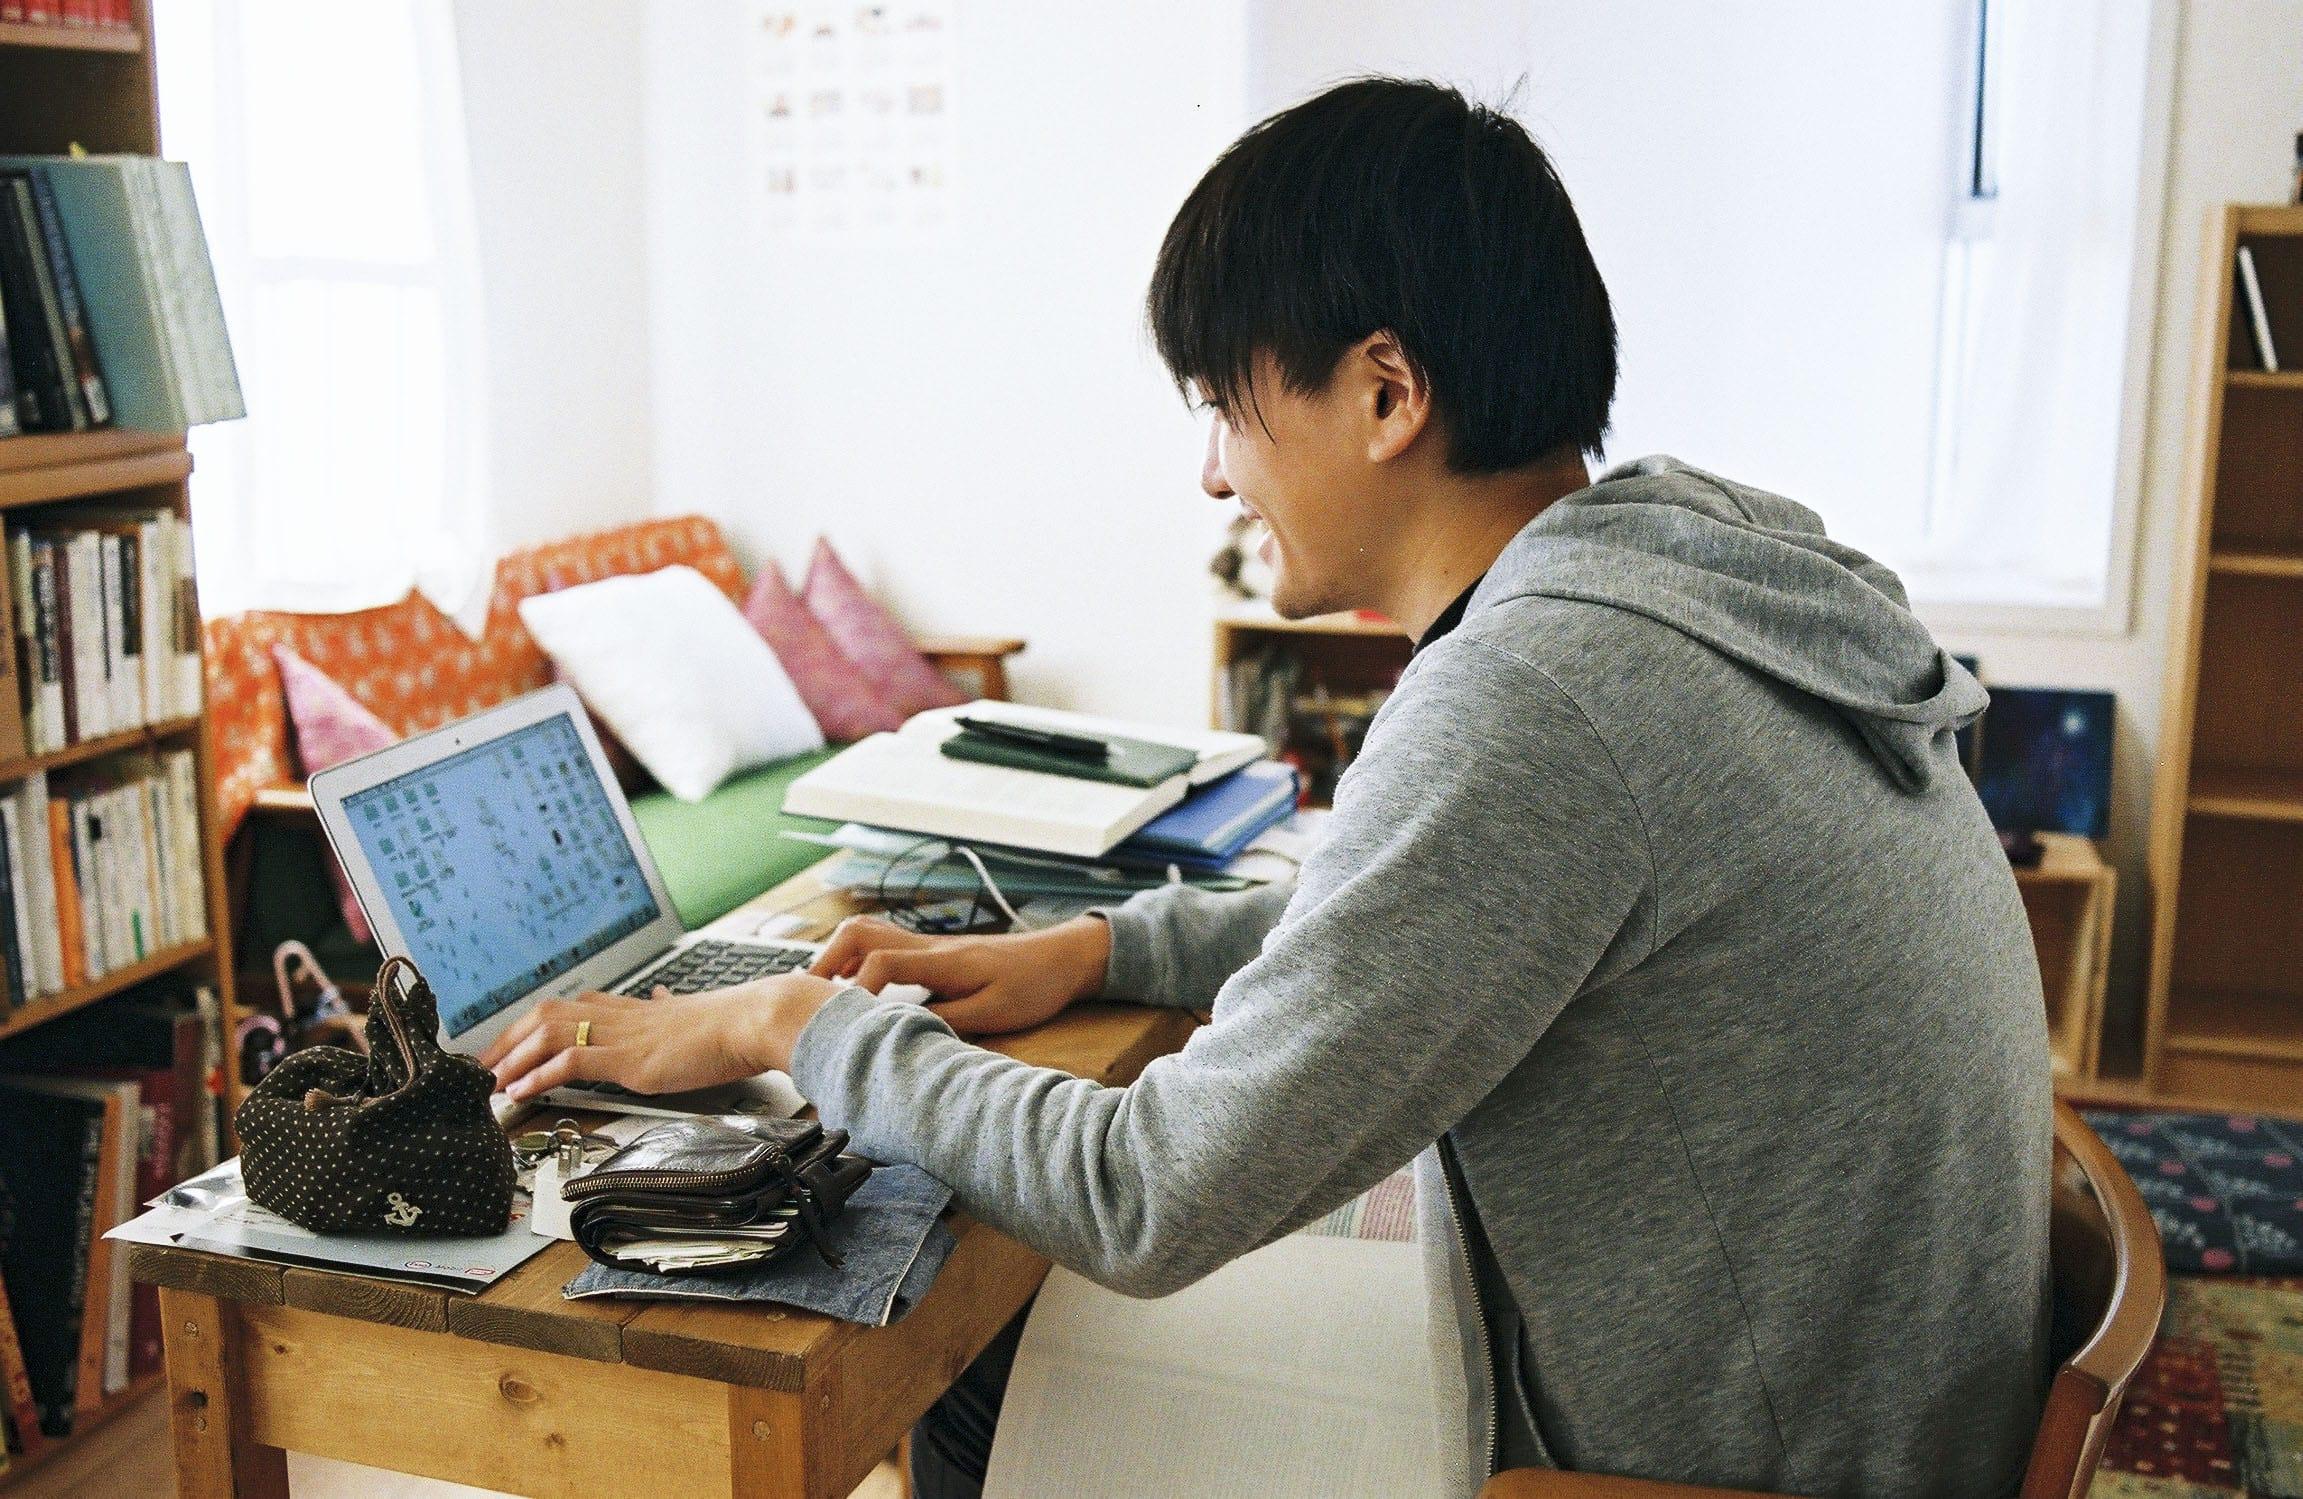 兵庫県・西宮市にある青木さんの自宅にて。現在も、古代地中海史を専門にする若き研究者でもある。